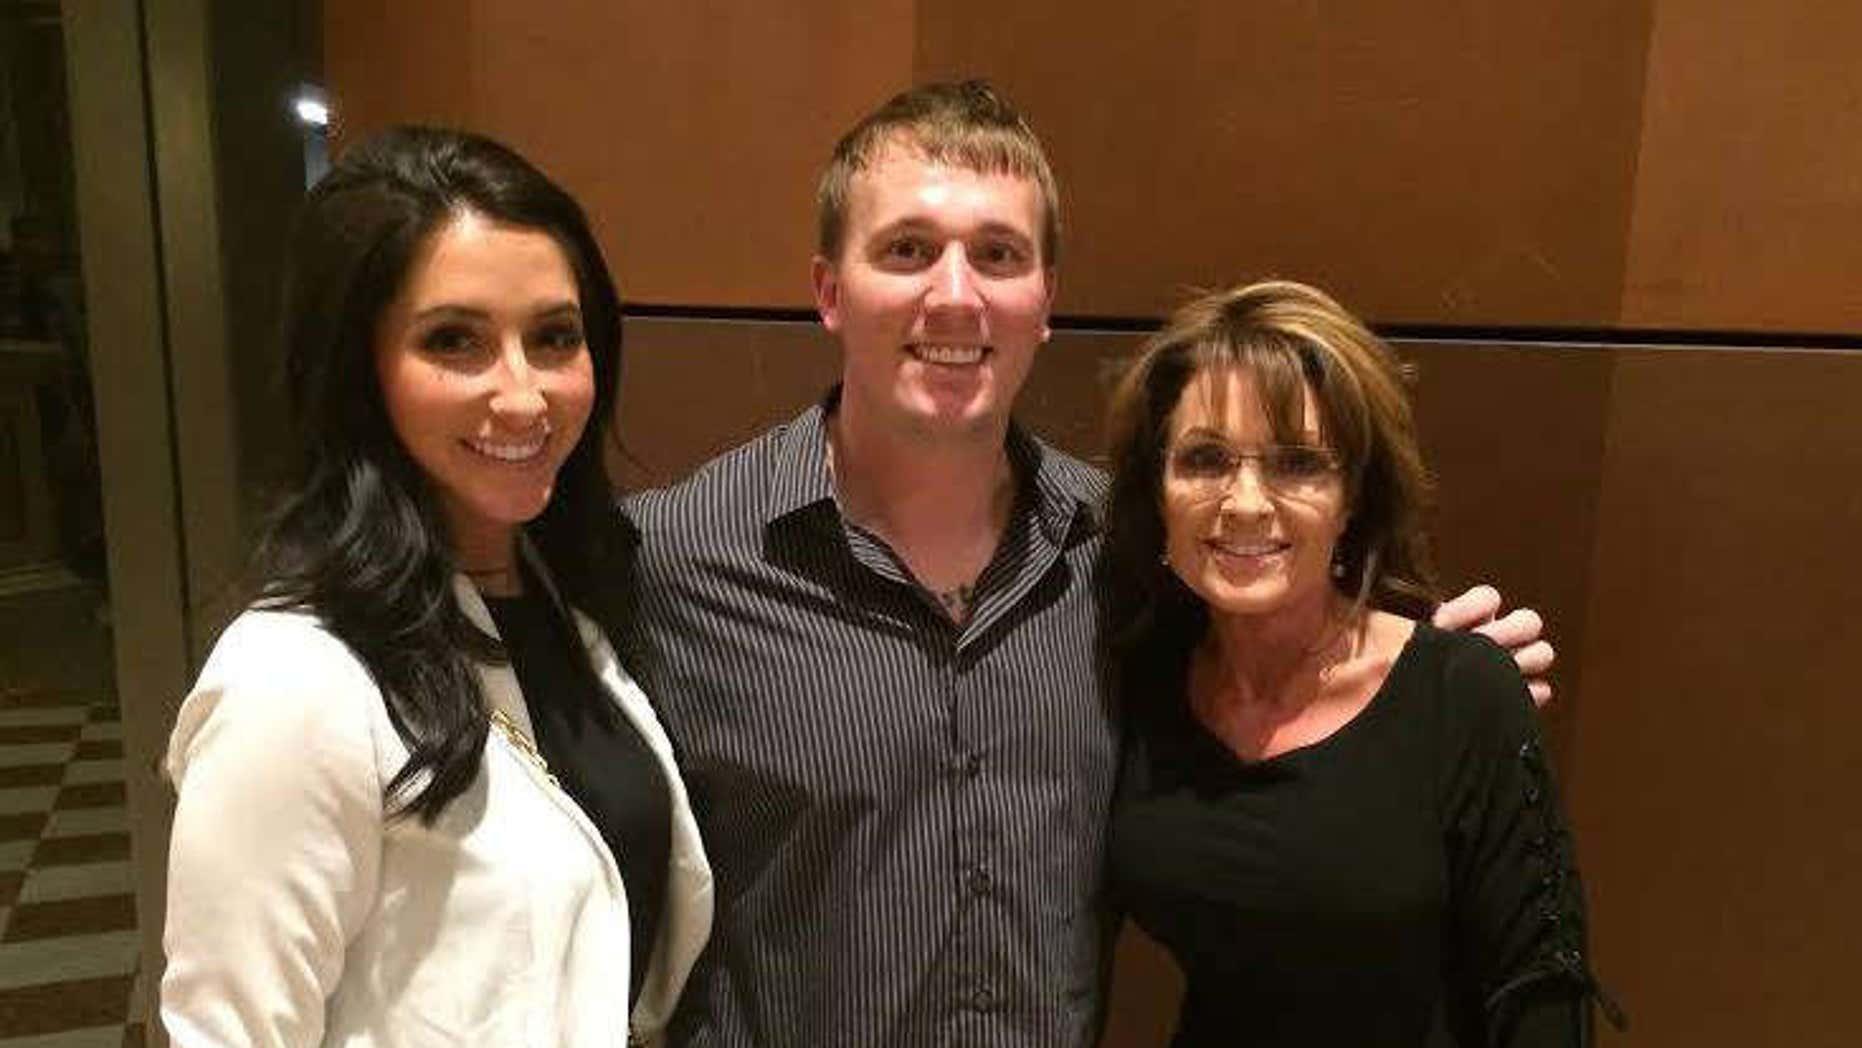 Jan. 26, 2015: Bristol Palin and Dakota Meyer pose with Sarah Palin.